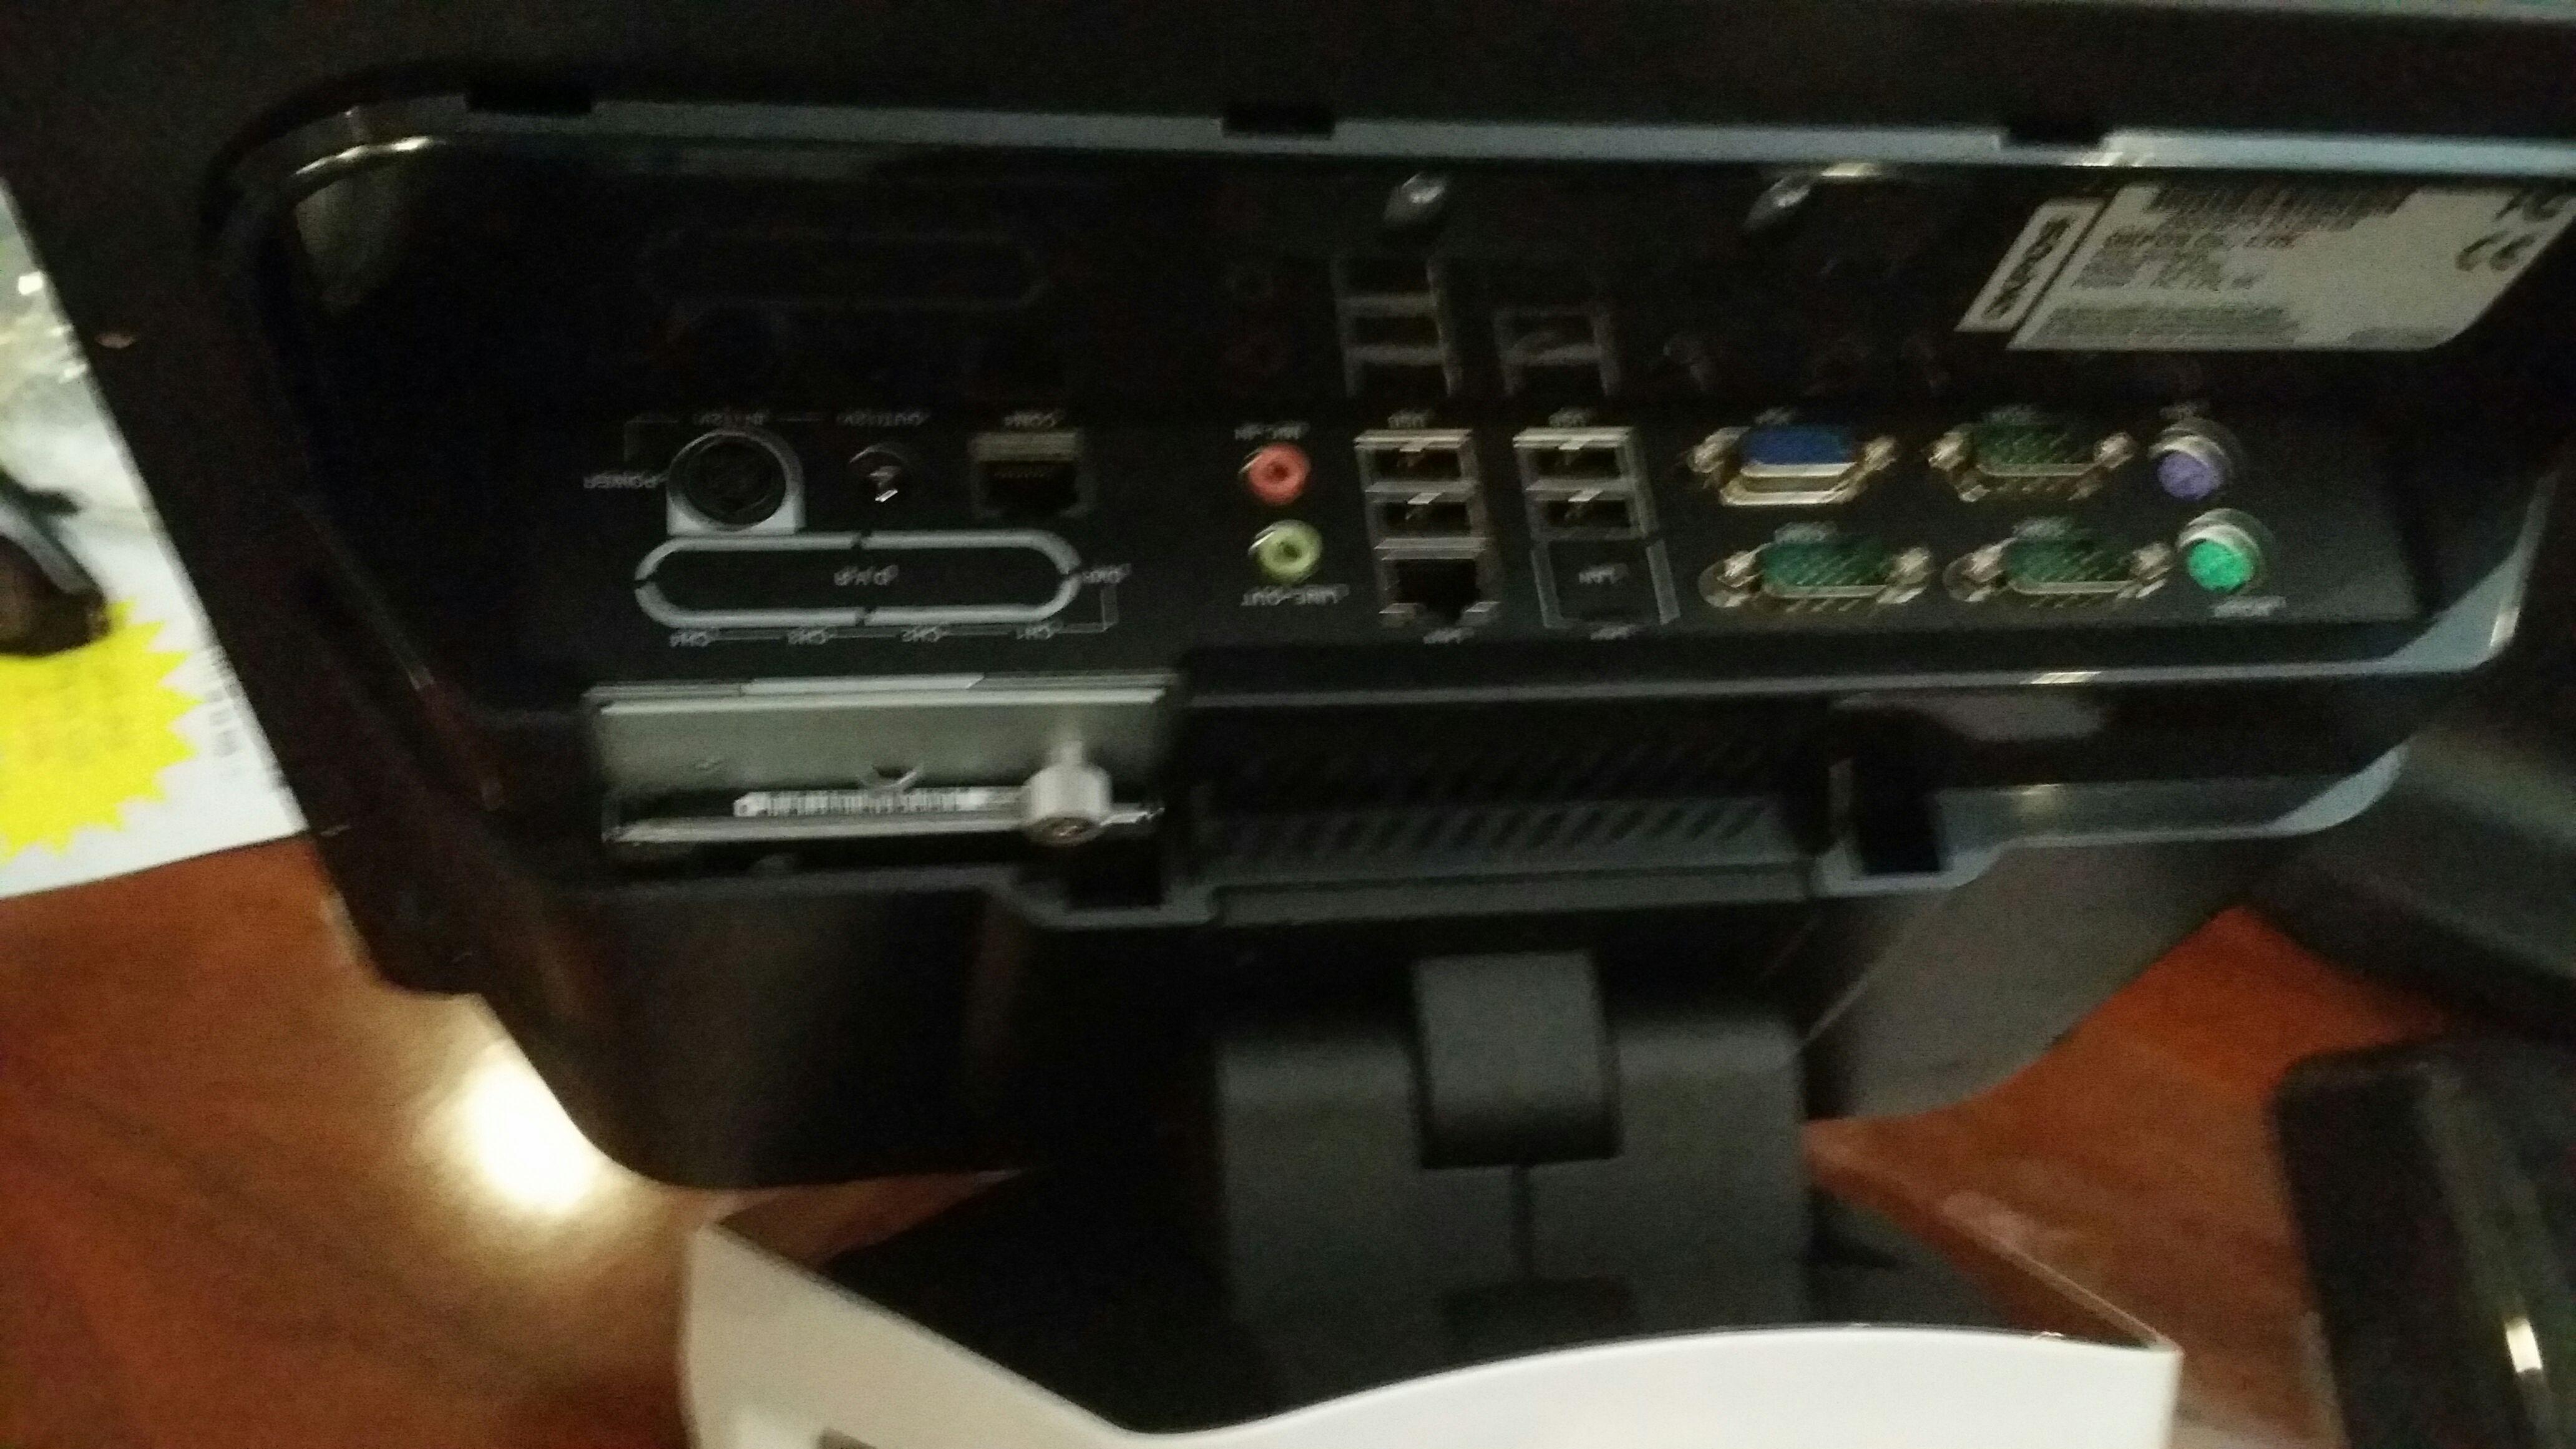 أجهزة كاشير برنامج اونلاين باركود